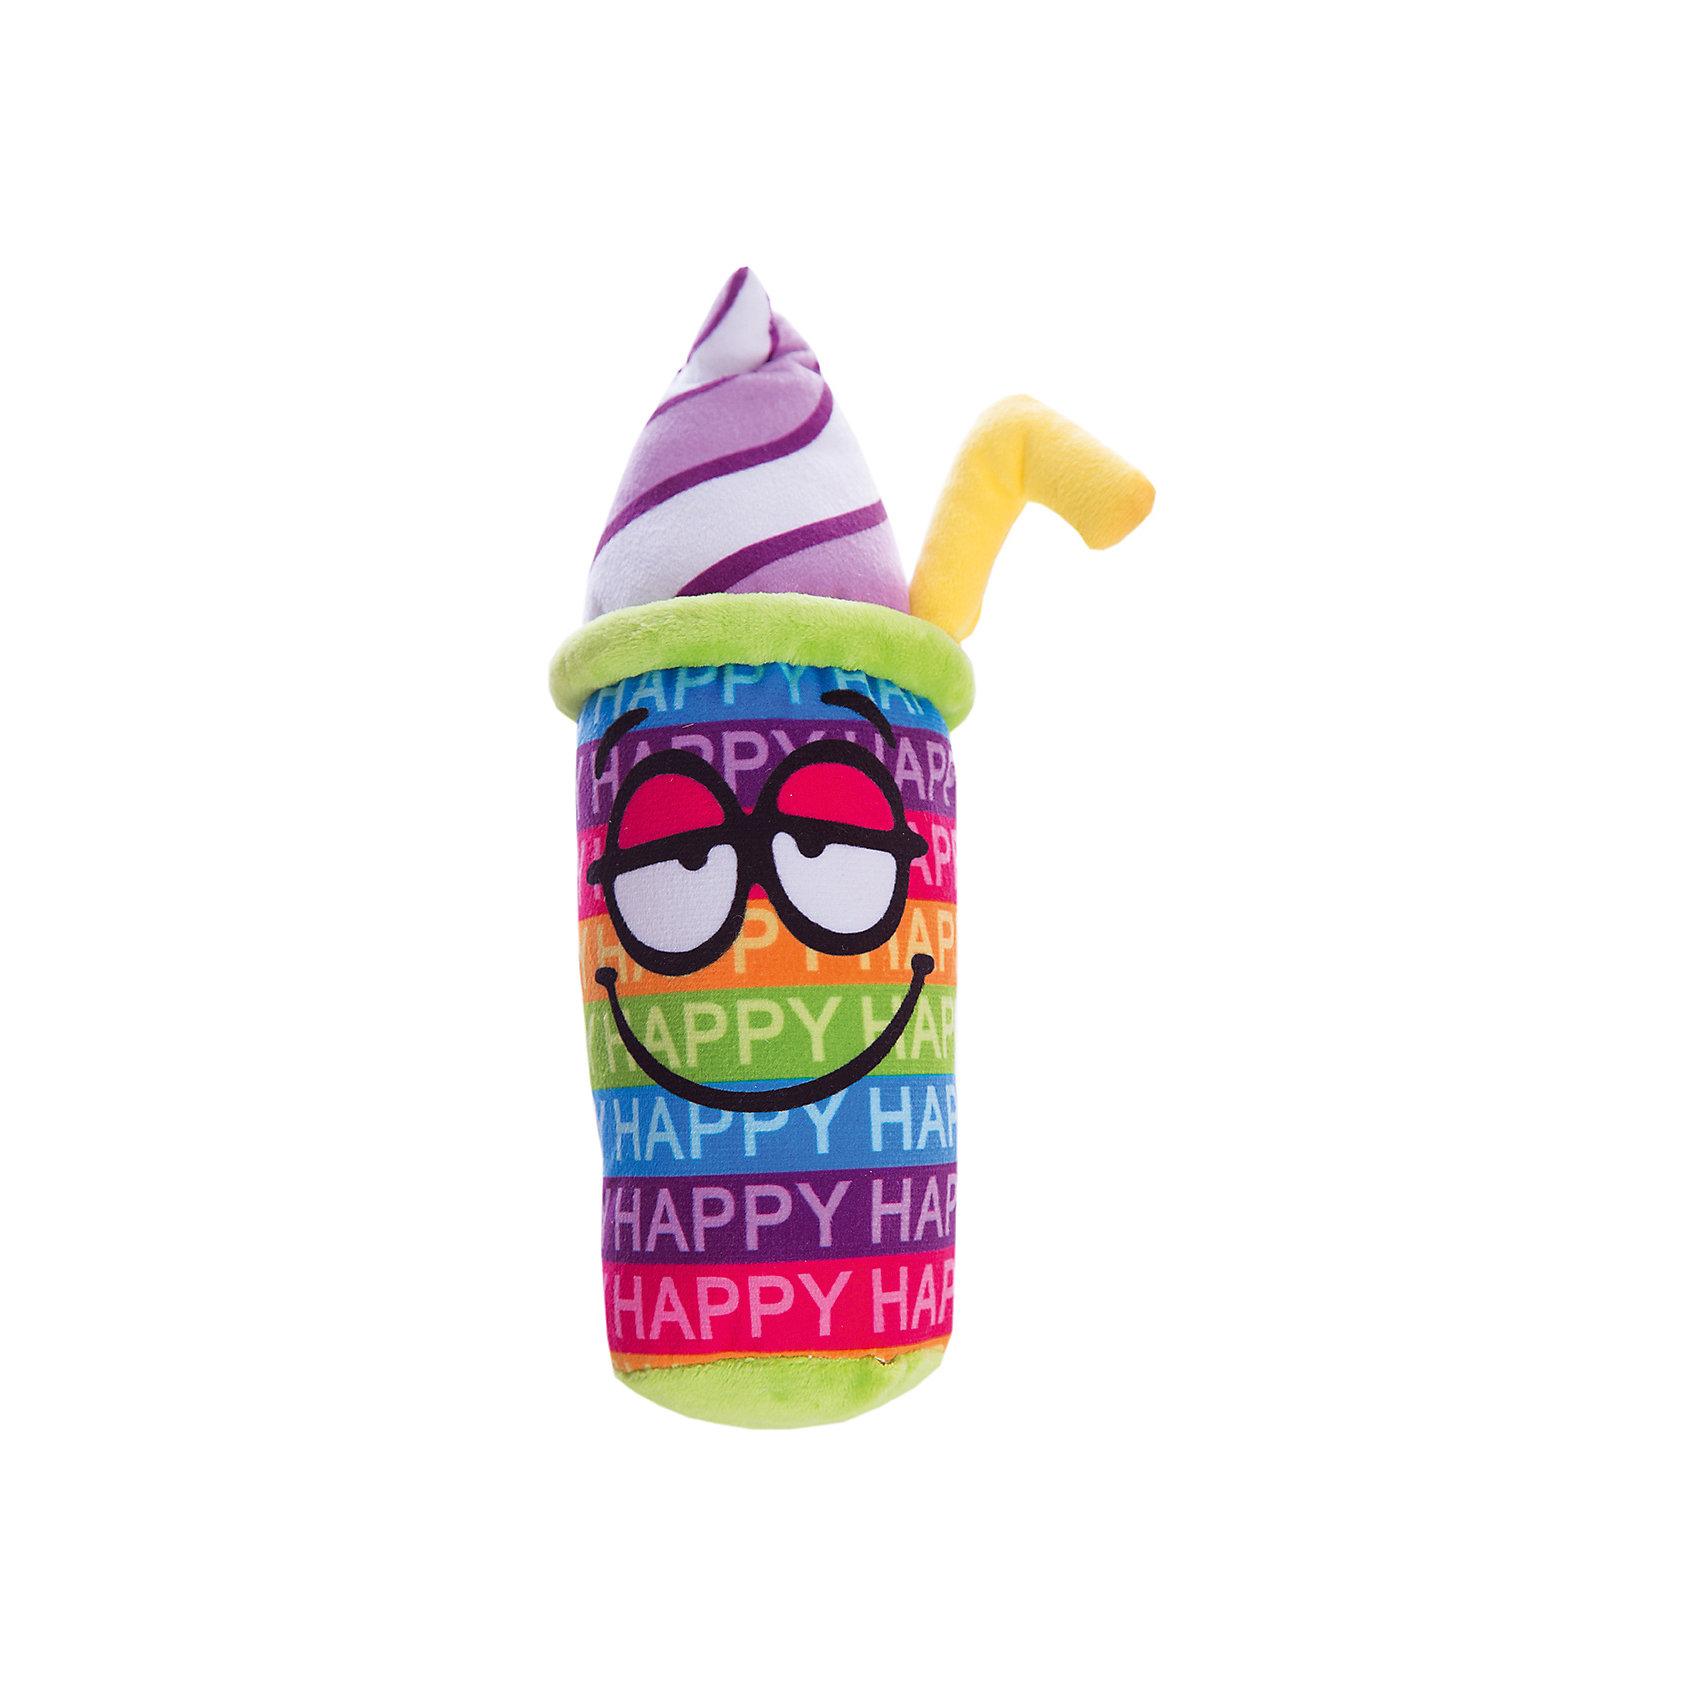 Коктейль-счастье, Button BlueМягкая игрушка Коктейль-счастье от марки Button Blue<br><br>Мягкие игрушки нравятся практически всем детям. Они безопасны, удобны, приятны на ощупь, с ними можно придумать множество игр. Играя с такой вещью, ребенок будет развивать воображение. Коктейль-счастье обязательно понравится любителям молочных напитков!<br>Помимо всего, мягкие игрушки хорошо смотрятся в интерьере, они украшают и дополняют детскую комнату. Игрушки от Button Blue отличаются высоким качеством, оригинальным дизайном, яркими цветами и отличным исполнением.<br><br>Отличительные особенности игрушки:<br><br>- материал: текстиль;<br>- цвет: разноцветный;<br>- размер упаковки: 10 х 28 х 3 см;<br>- вес: 68 г.<br><br>Мягкую игрушку Коктейль-счастье от марки Button Blue можно купить в нашем магазине.<br><br>Ширина мм: 100<br>Глубина мм: 280<br>Высота мм: 30<br>Вес г: 68<br>Возраст от месяцев: 36<br>Возраст до месяцев: 84<br>Пол: Унисекс<br>Возраст: Детский<br>SKU: 4665005